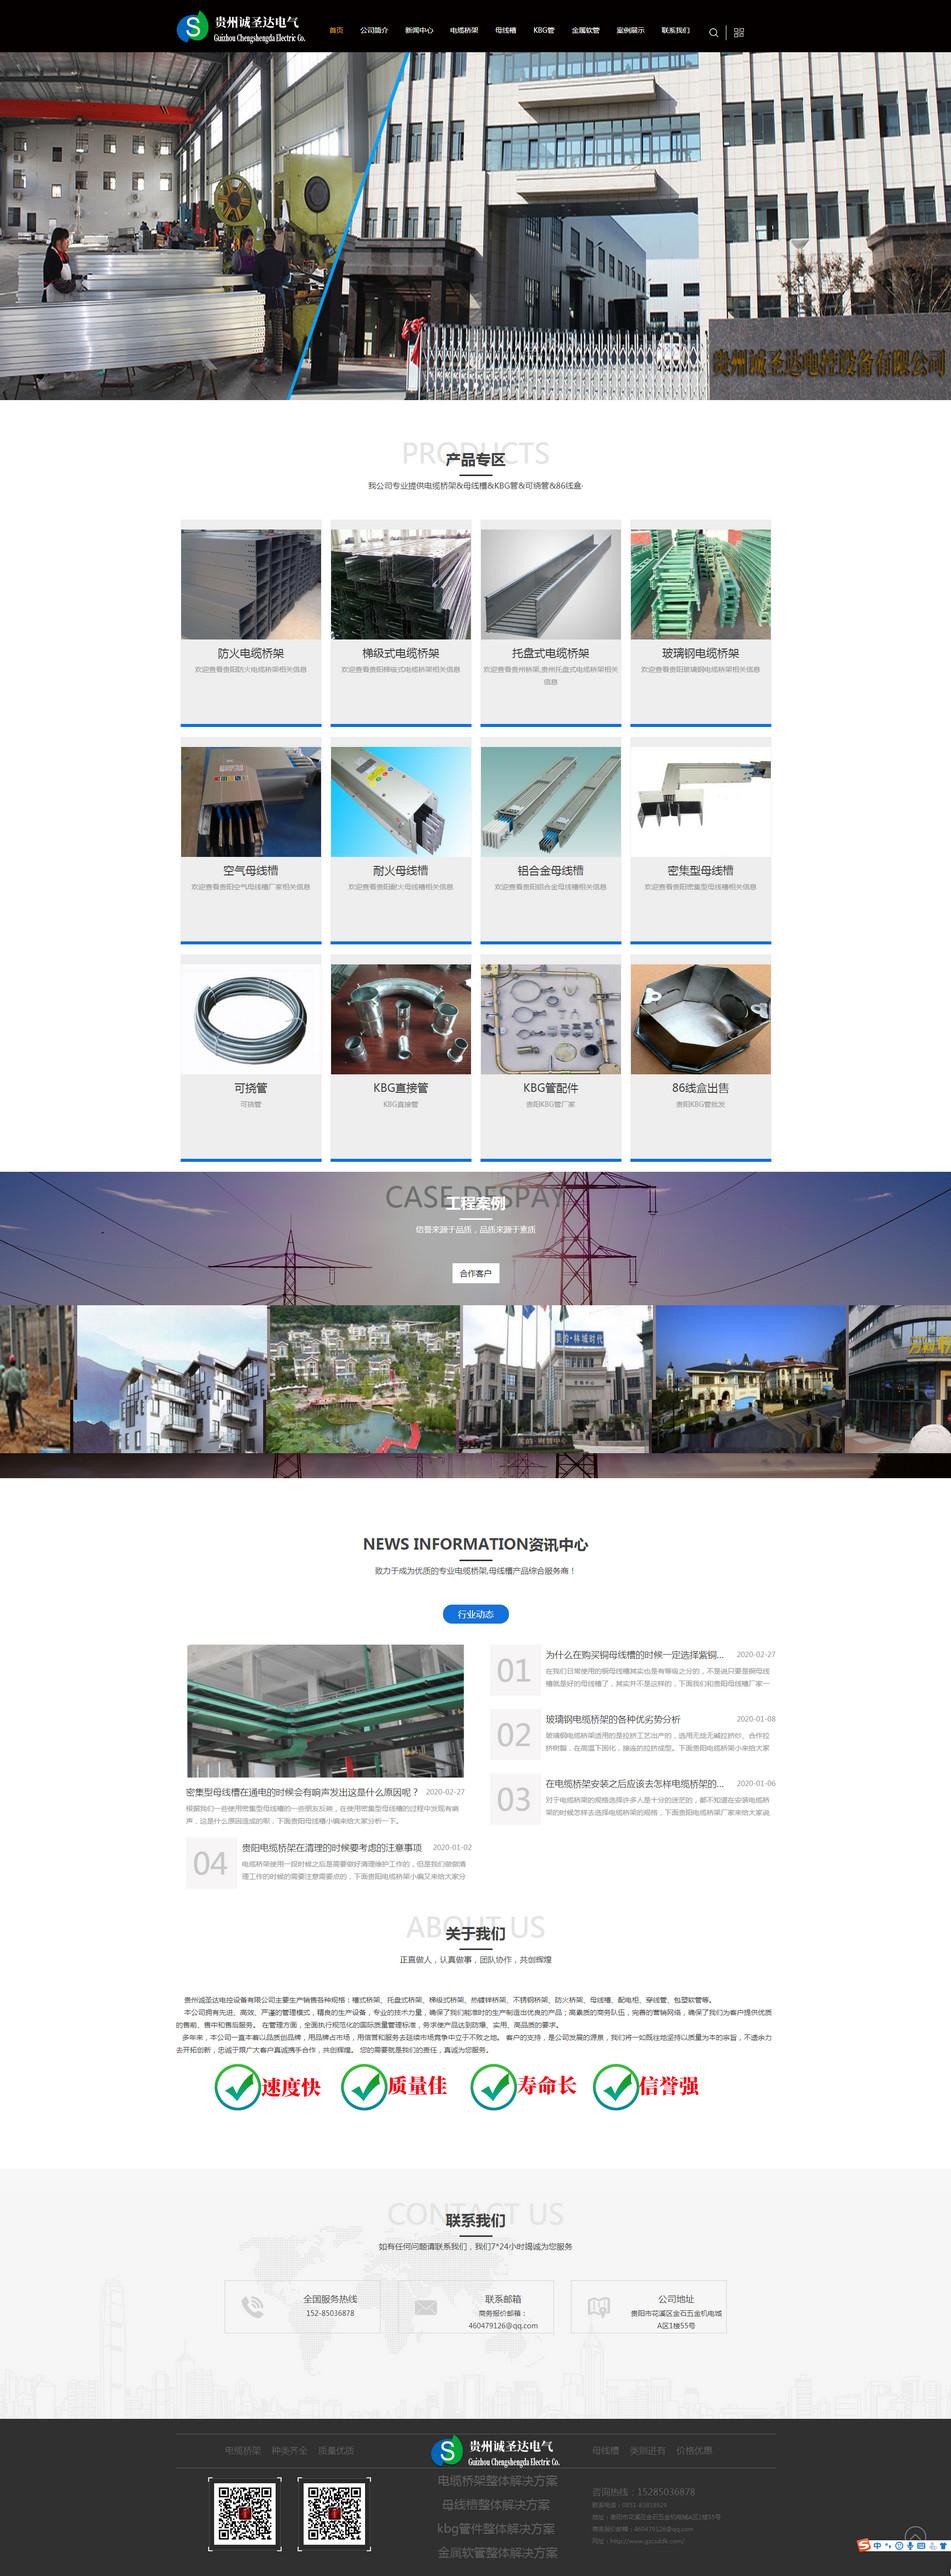 貴州網站建設哪家專業